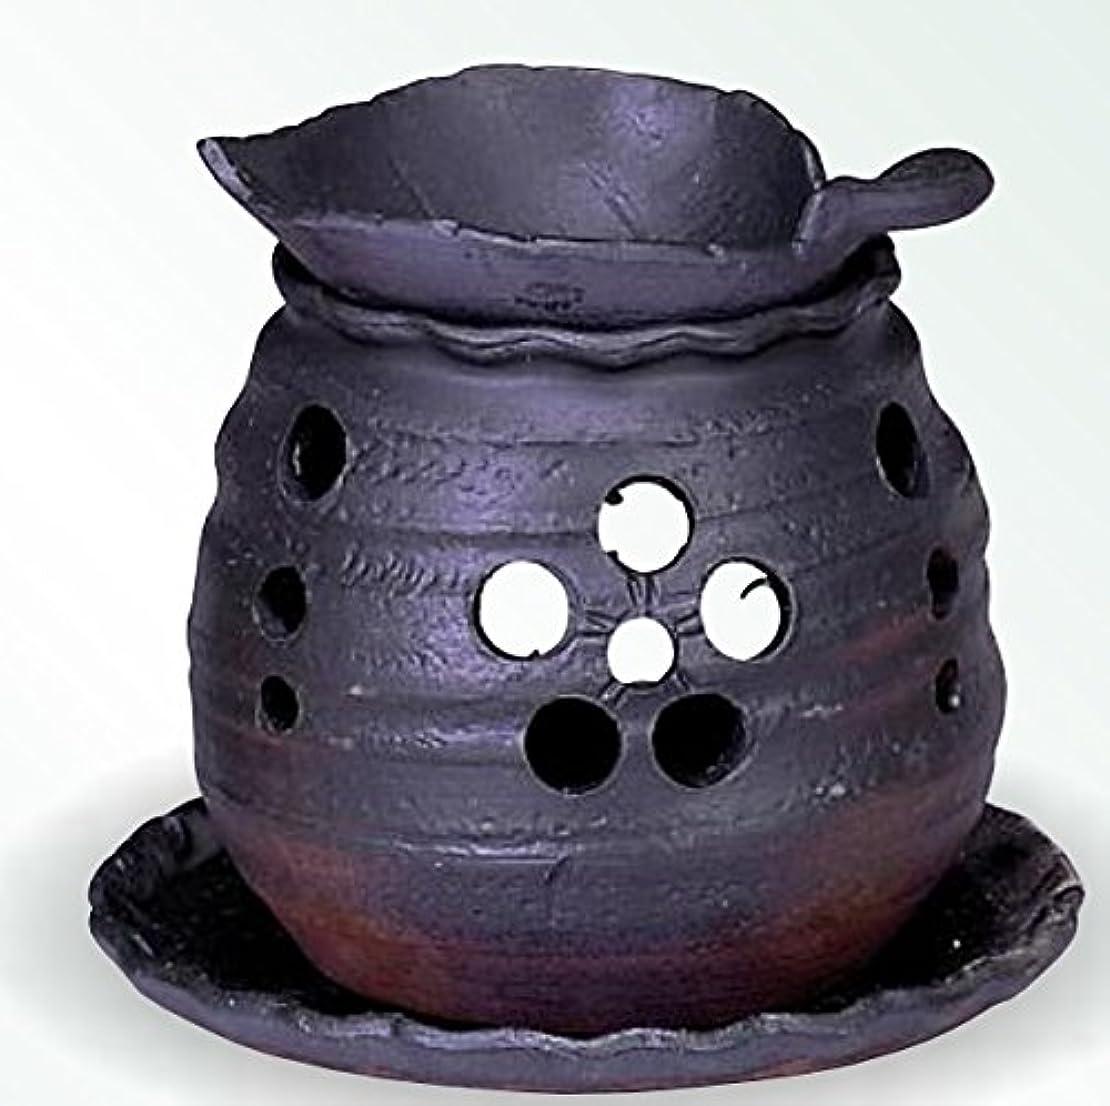 契約する休憩するナプキン常滑焼 茶香炉(アロマポット)木ノ葉皿 径10×高さ10.5cm